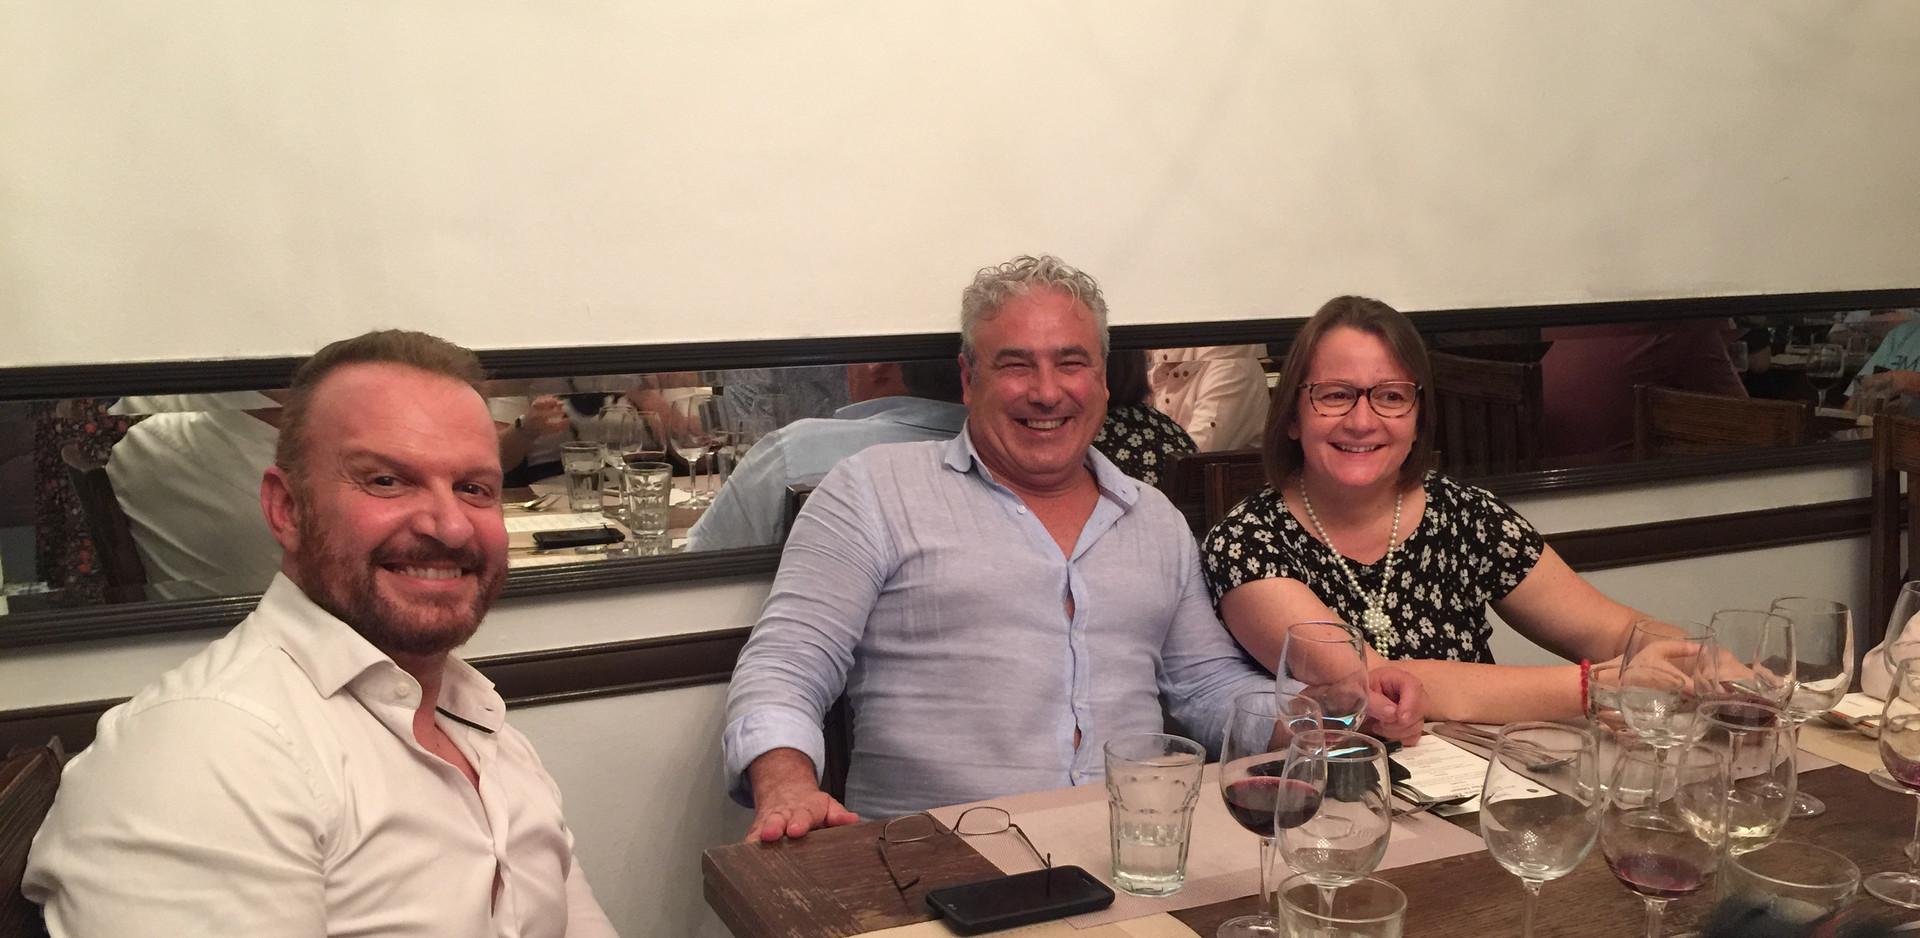 from left, Eugenio Amedei from the Italian Wine Club, Vittorio & Grazia ADRIANO